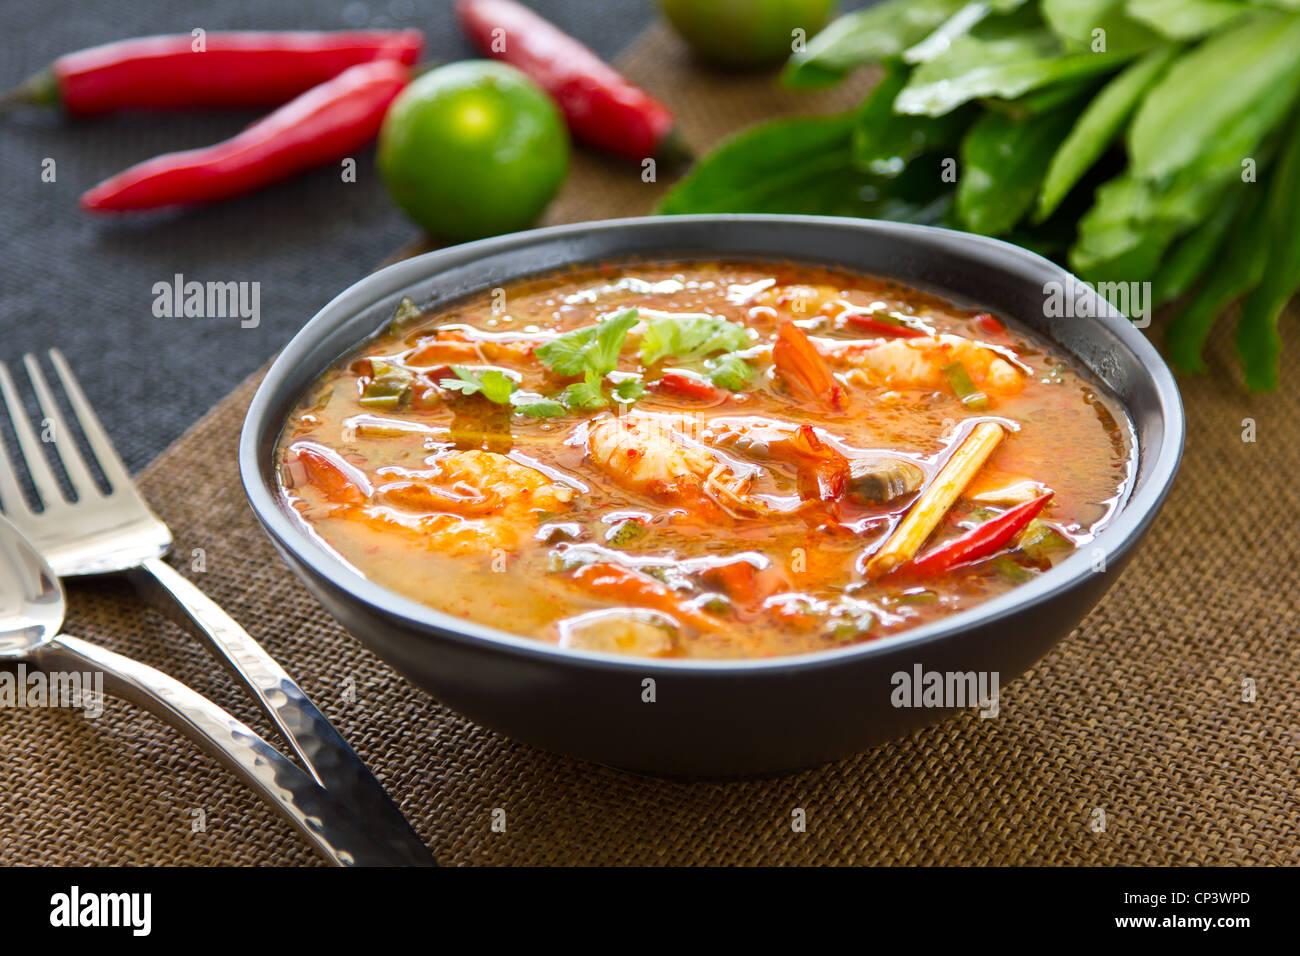 Soupe épicée et aigre [Thaï s Tomyum kung] Photo Stock